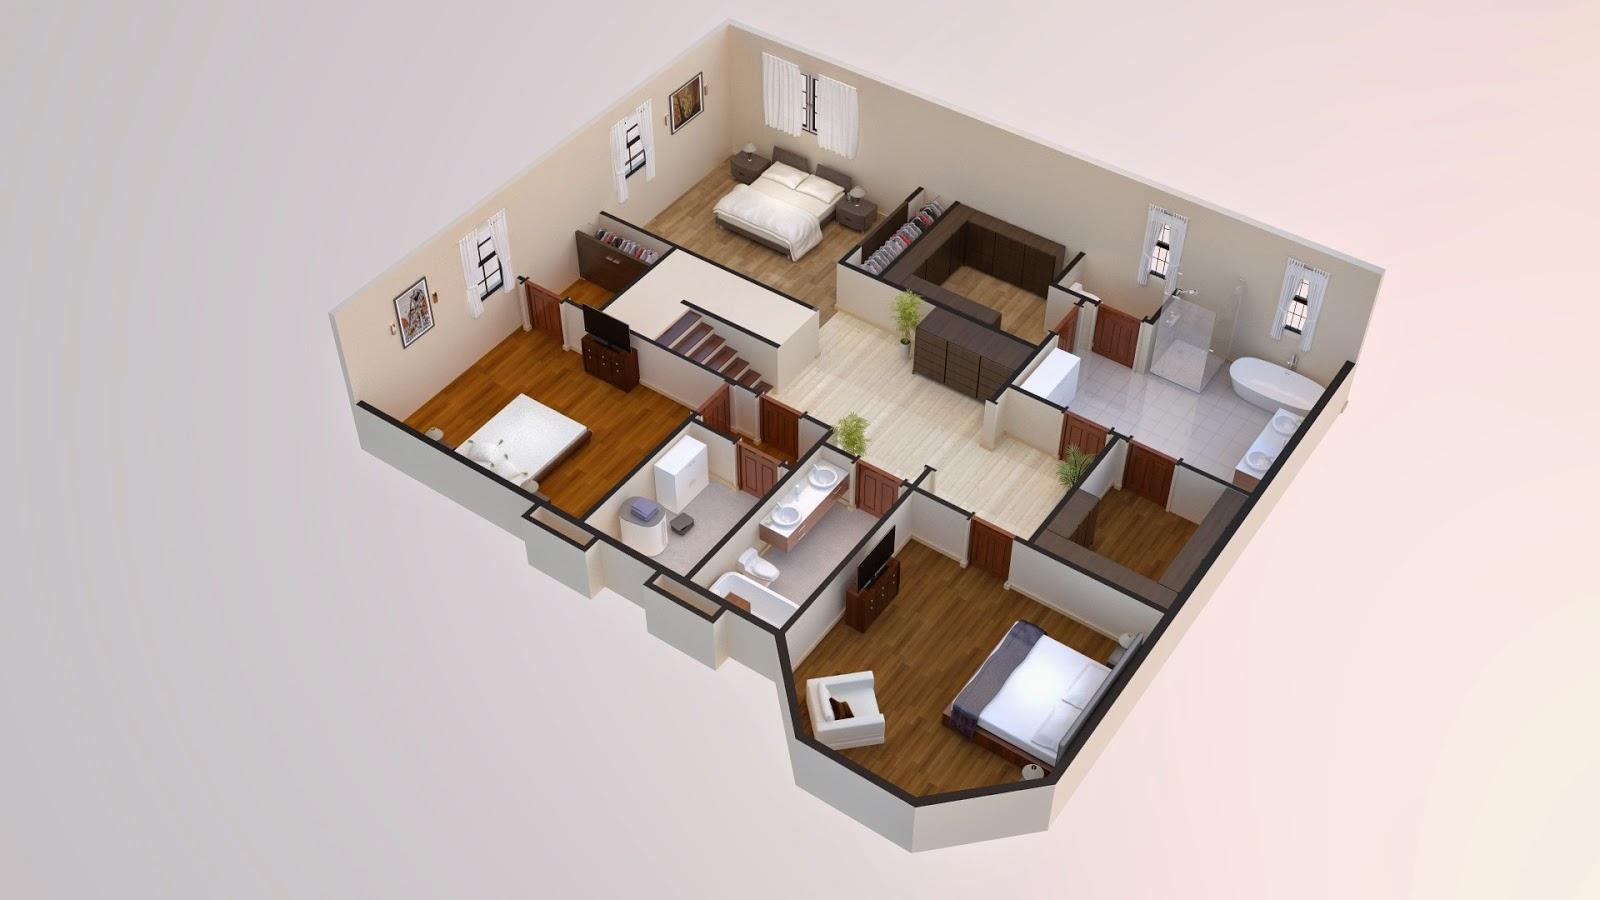 28 3d floor plan free 3d floor plan rendering animation 3d floor plan free floor plan 3d max plan home plans ideas picture